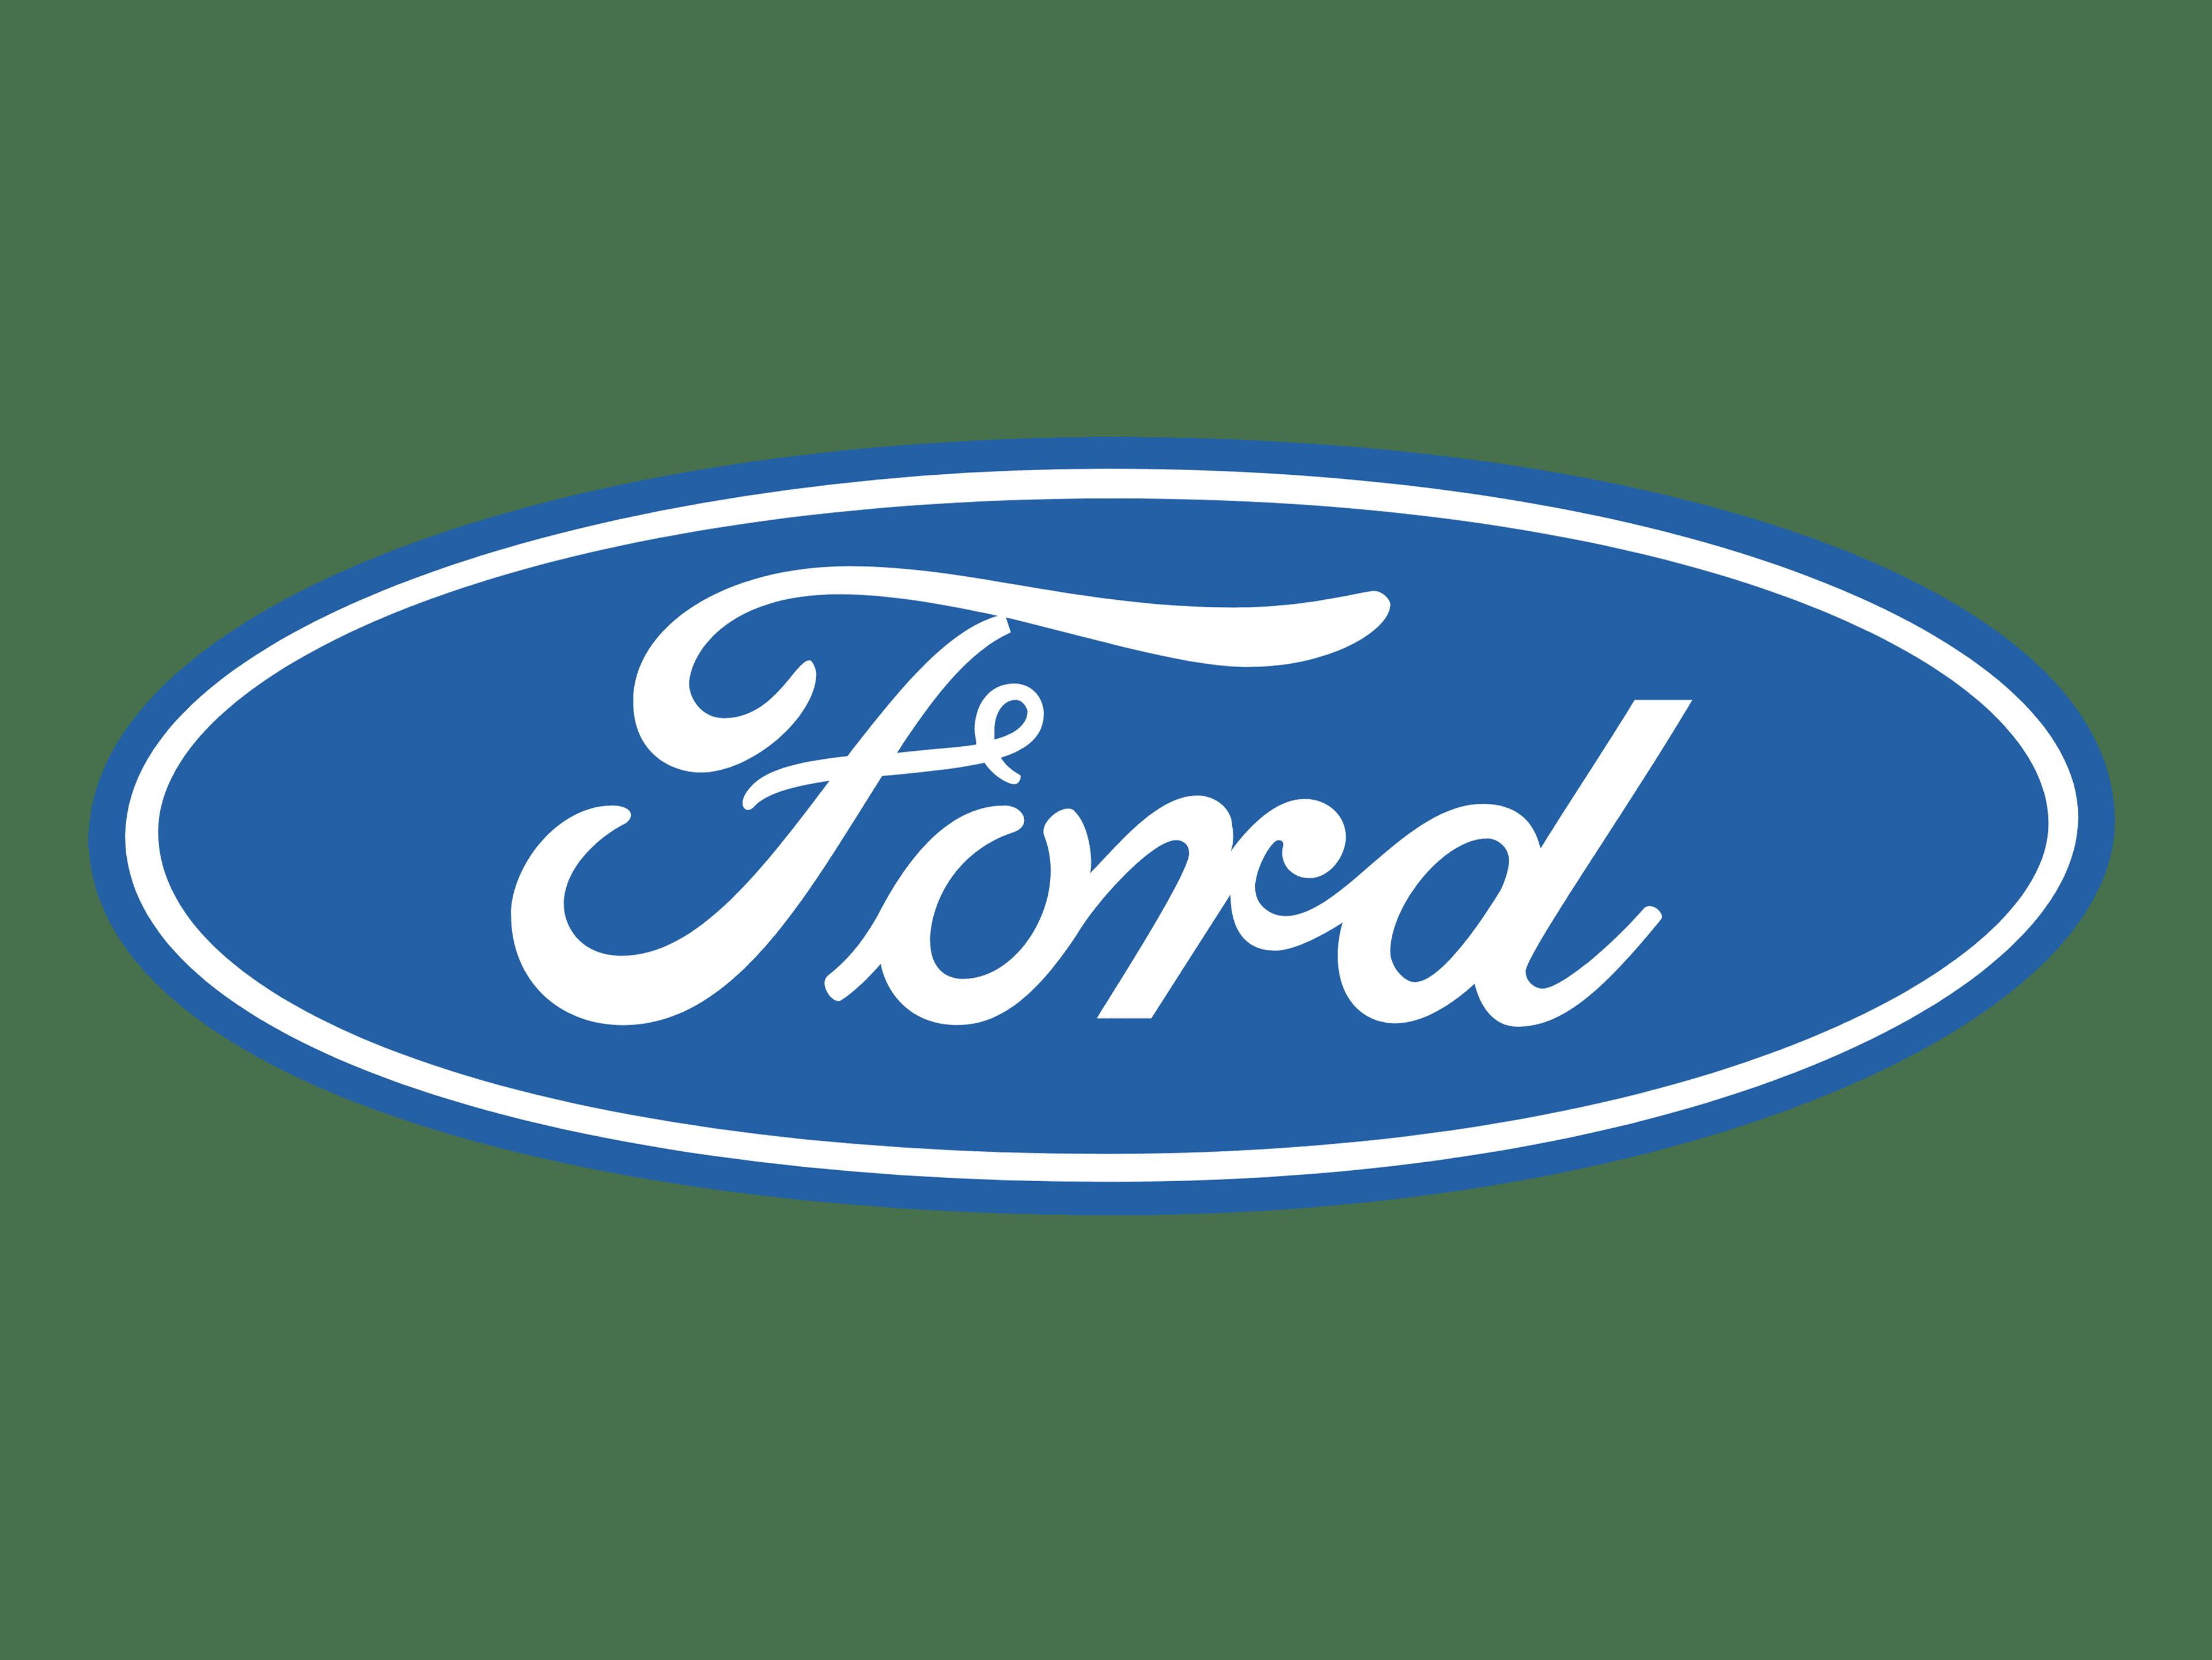 Logo for Ford